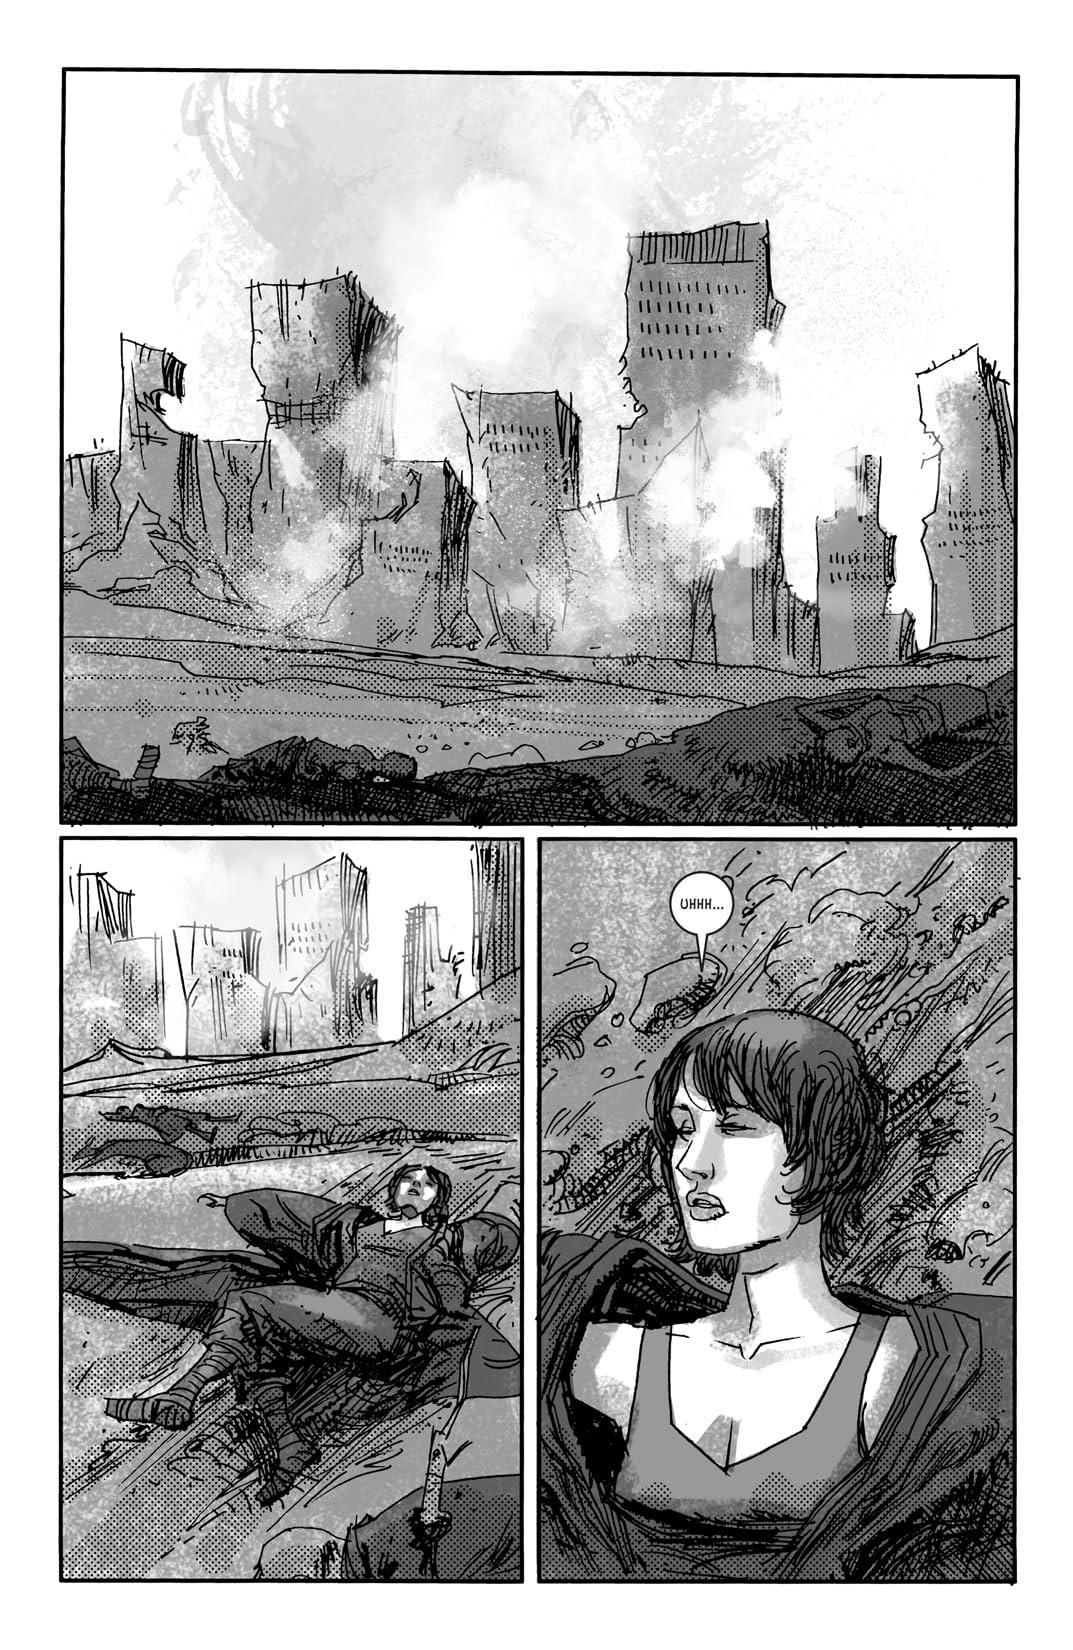 Wasteland #32